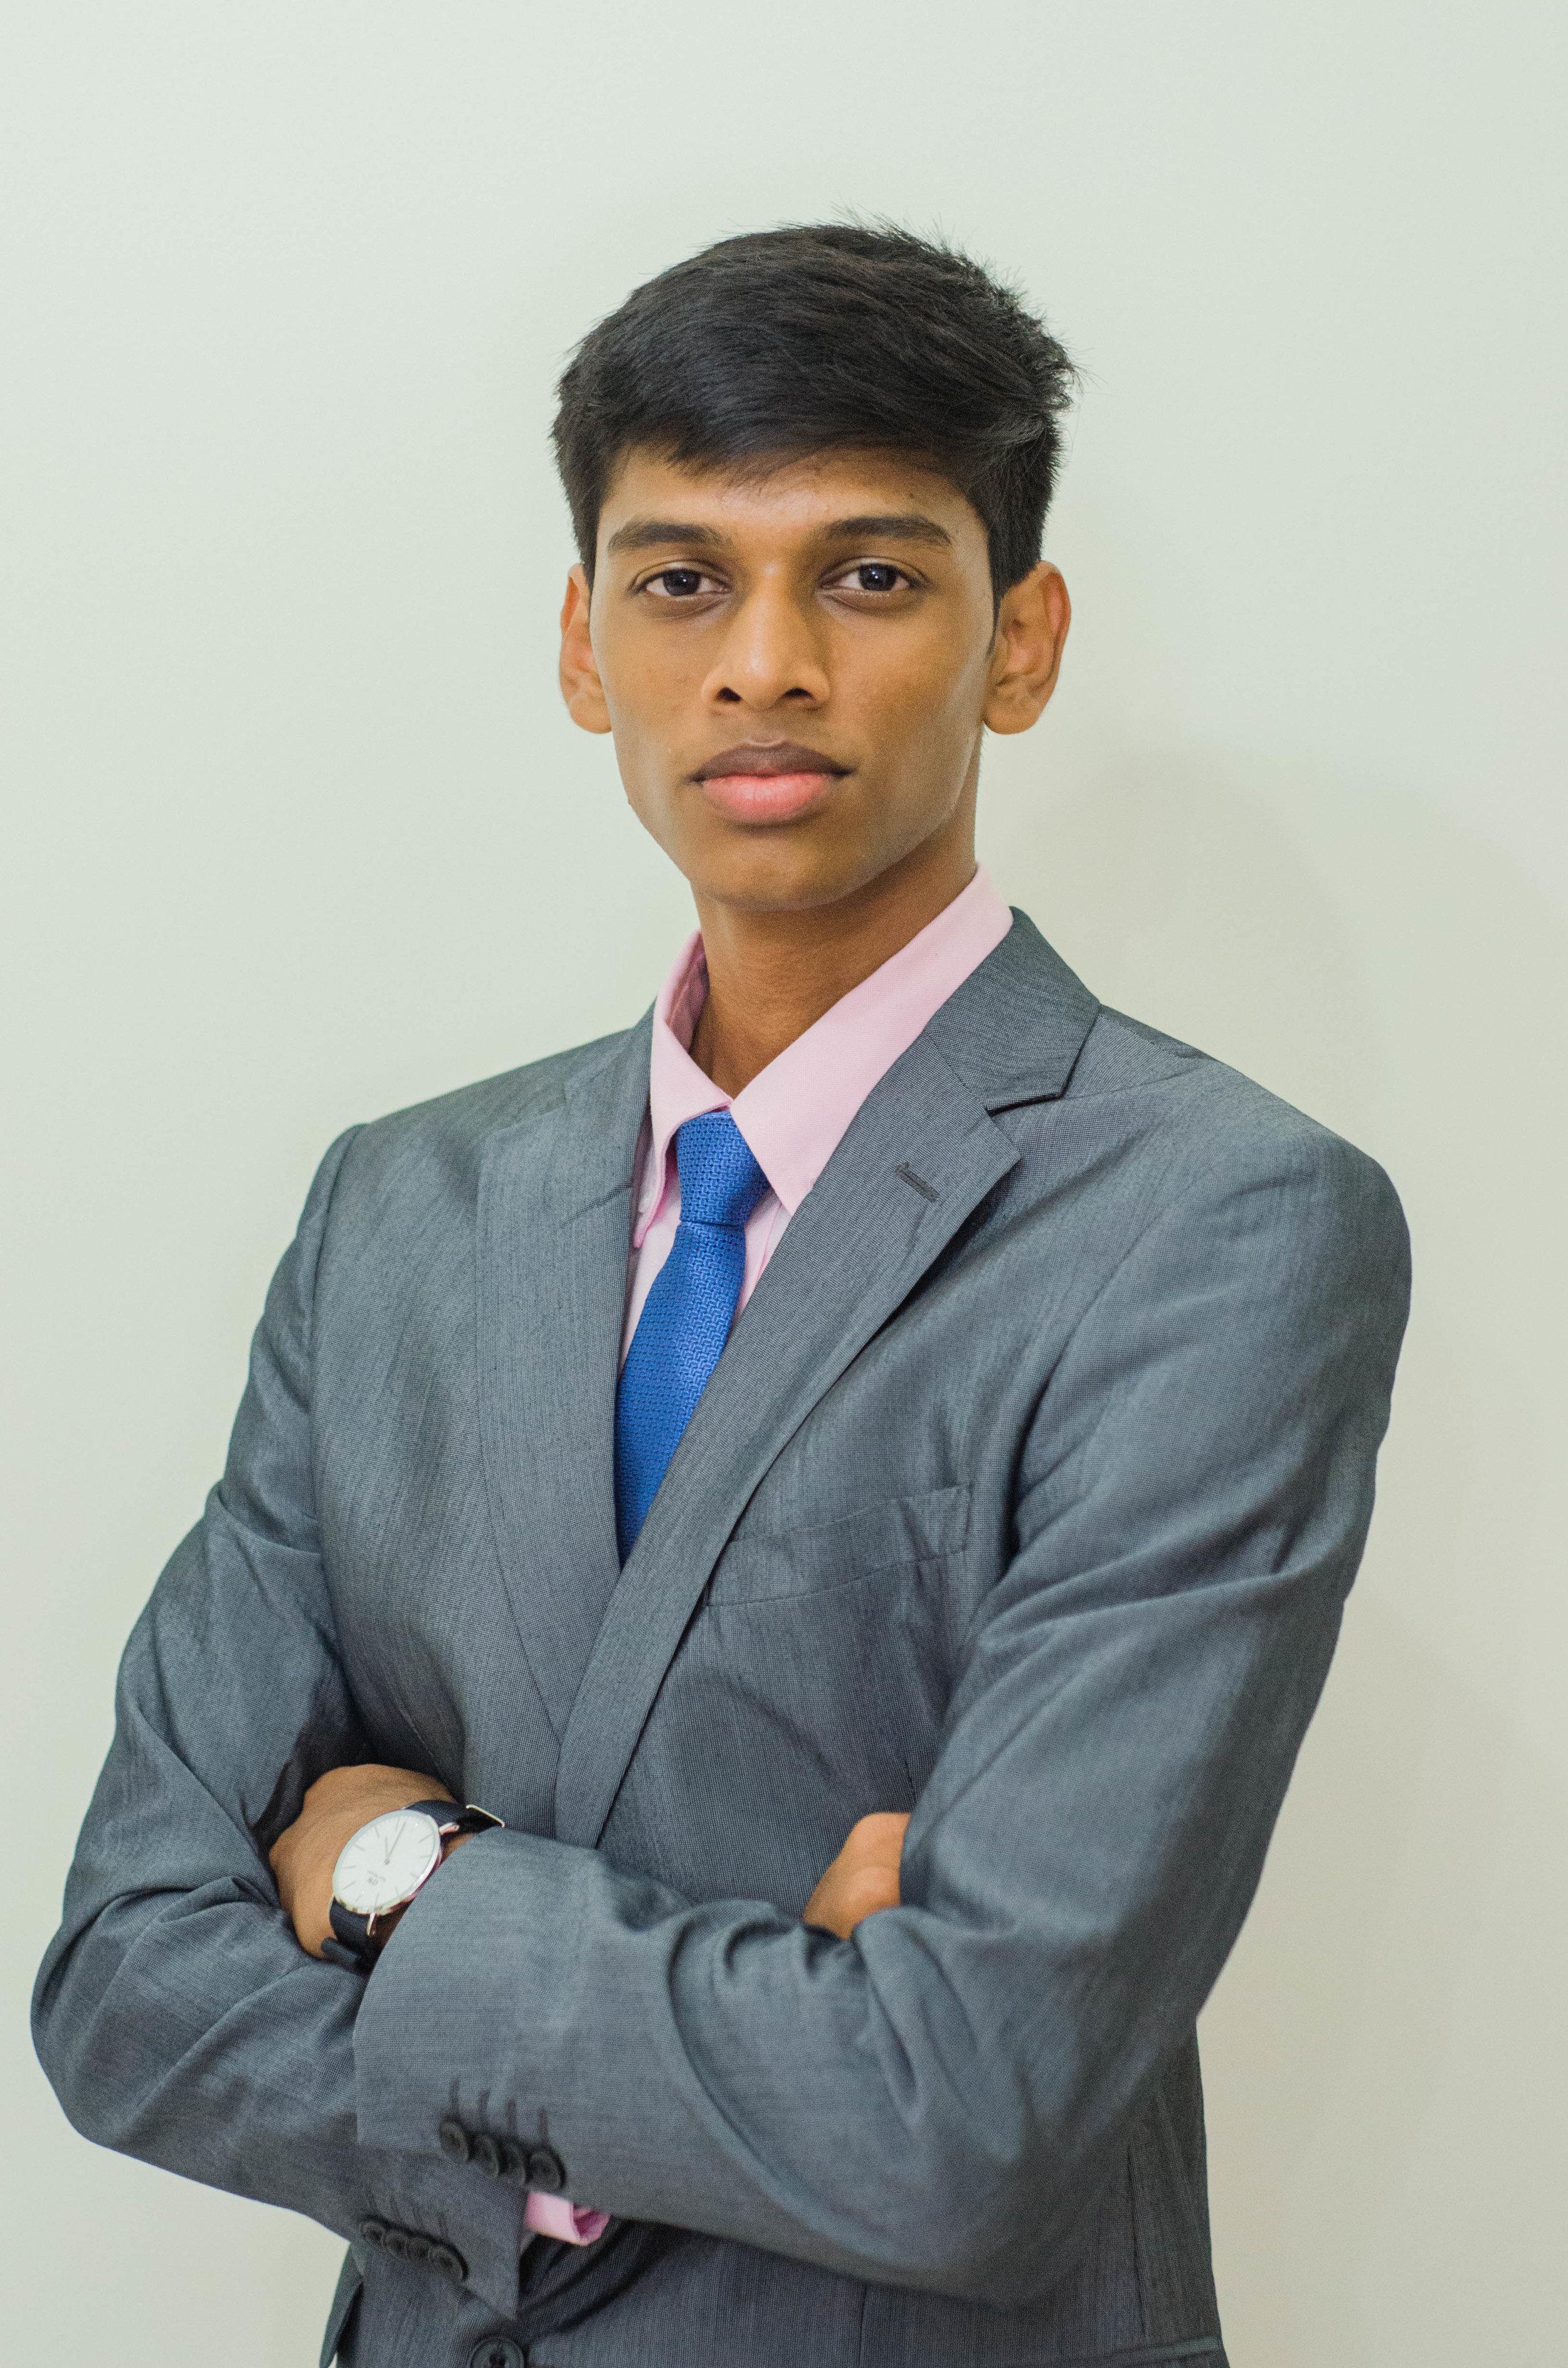 Adithiyan Rajan Indira Saravanan